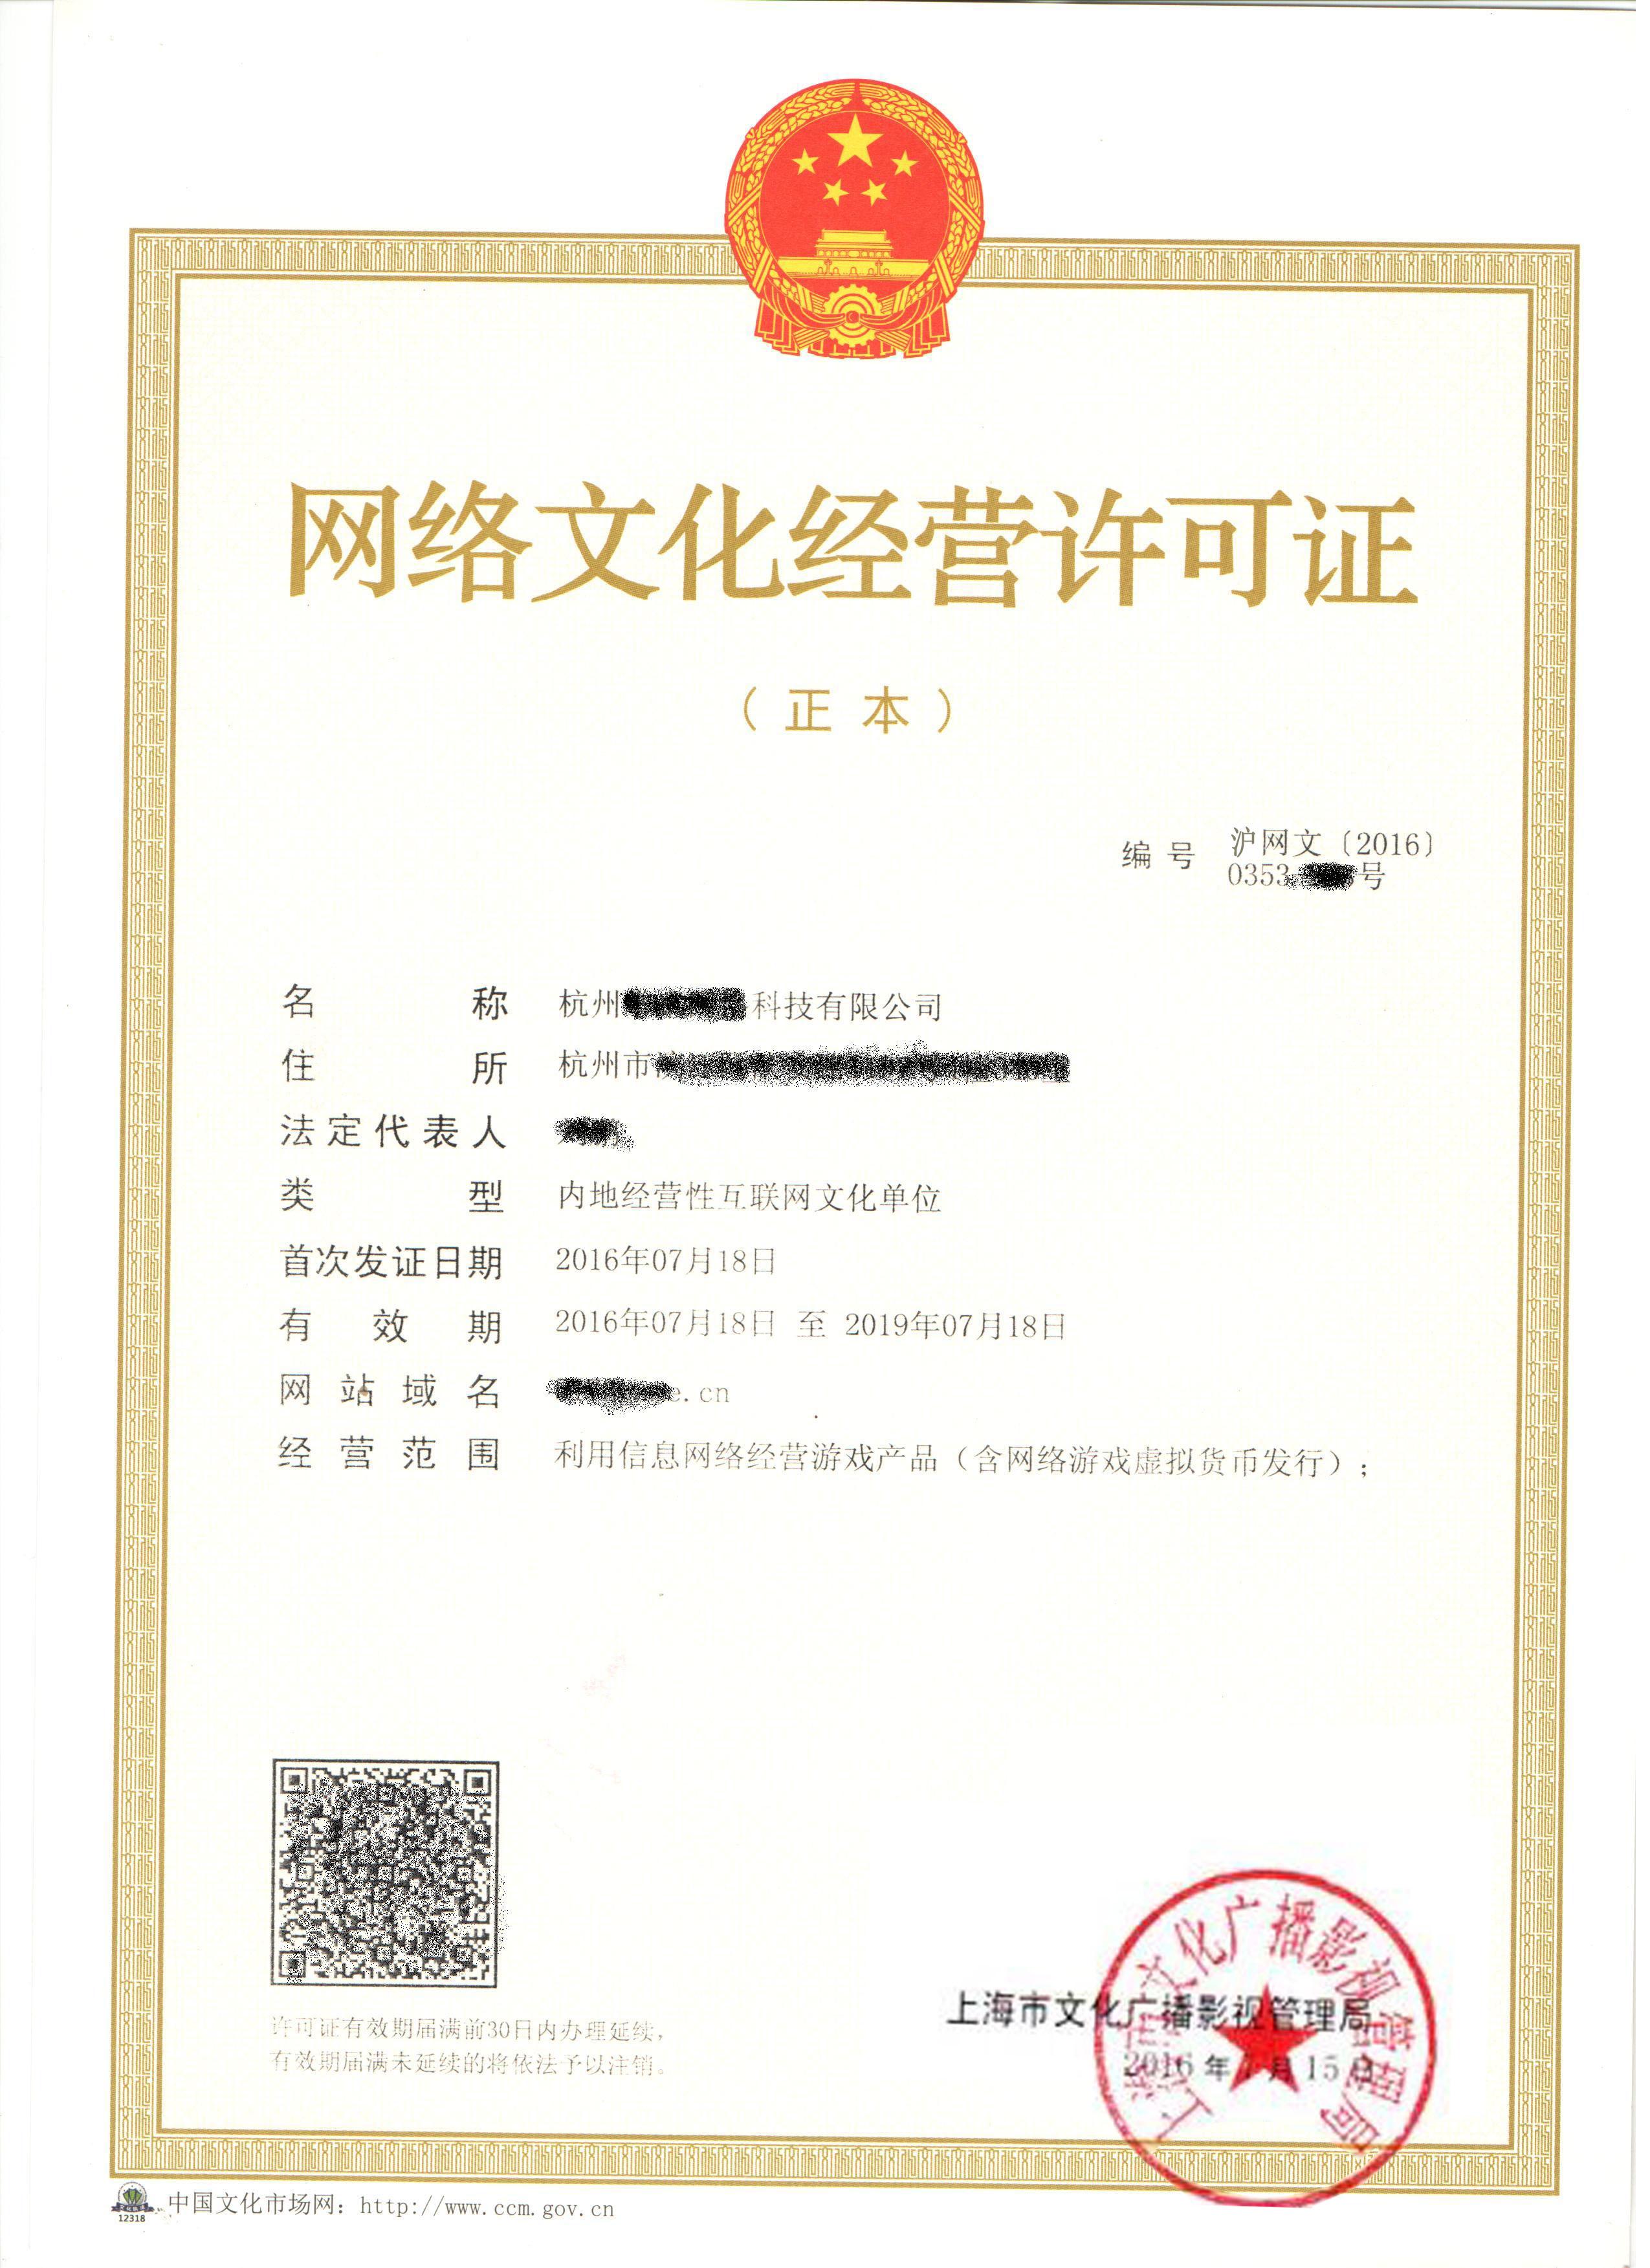 直播网文/网络文化经营许可证直播类/演出类网文